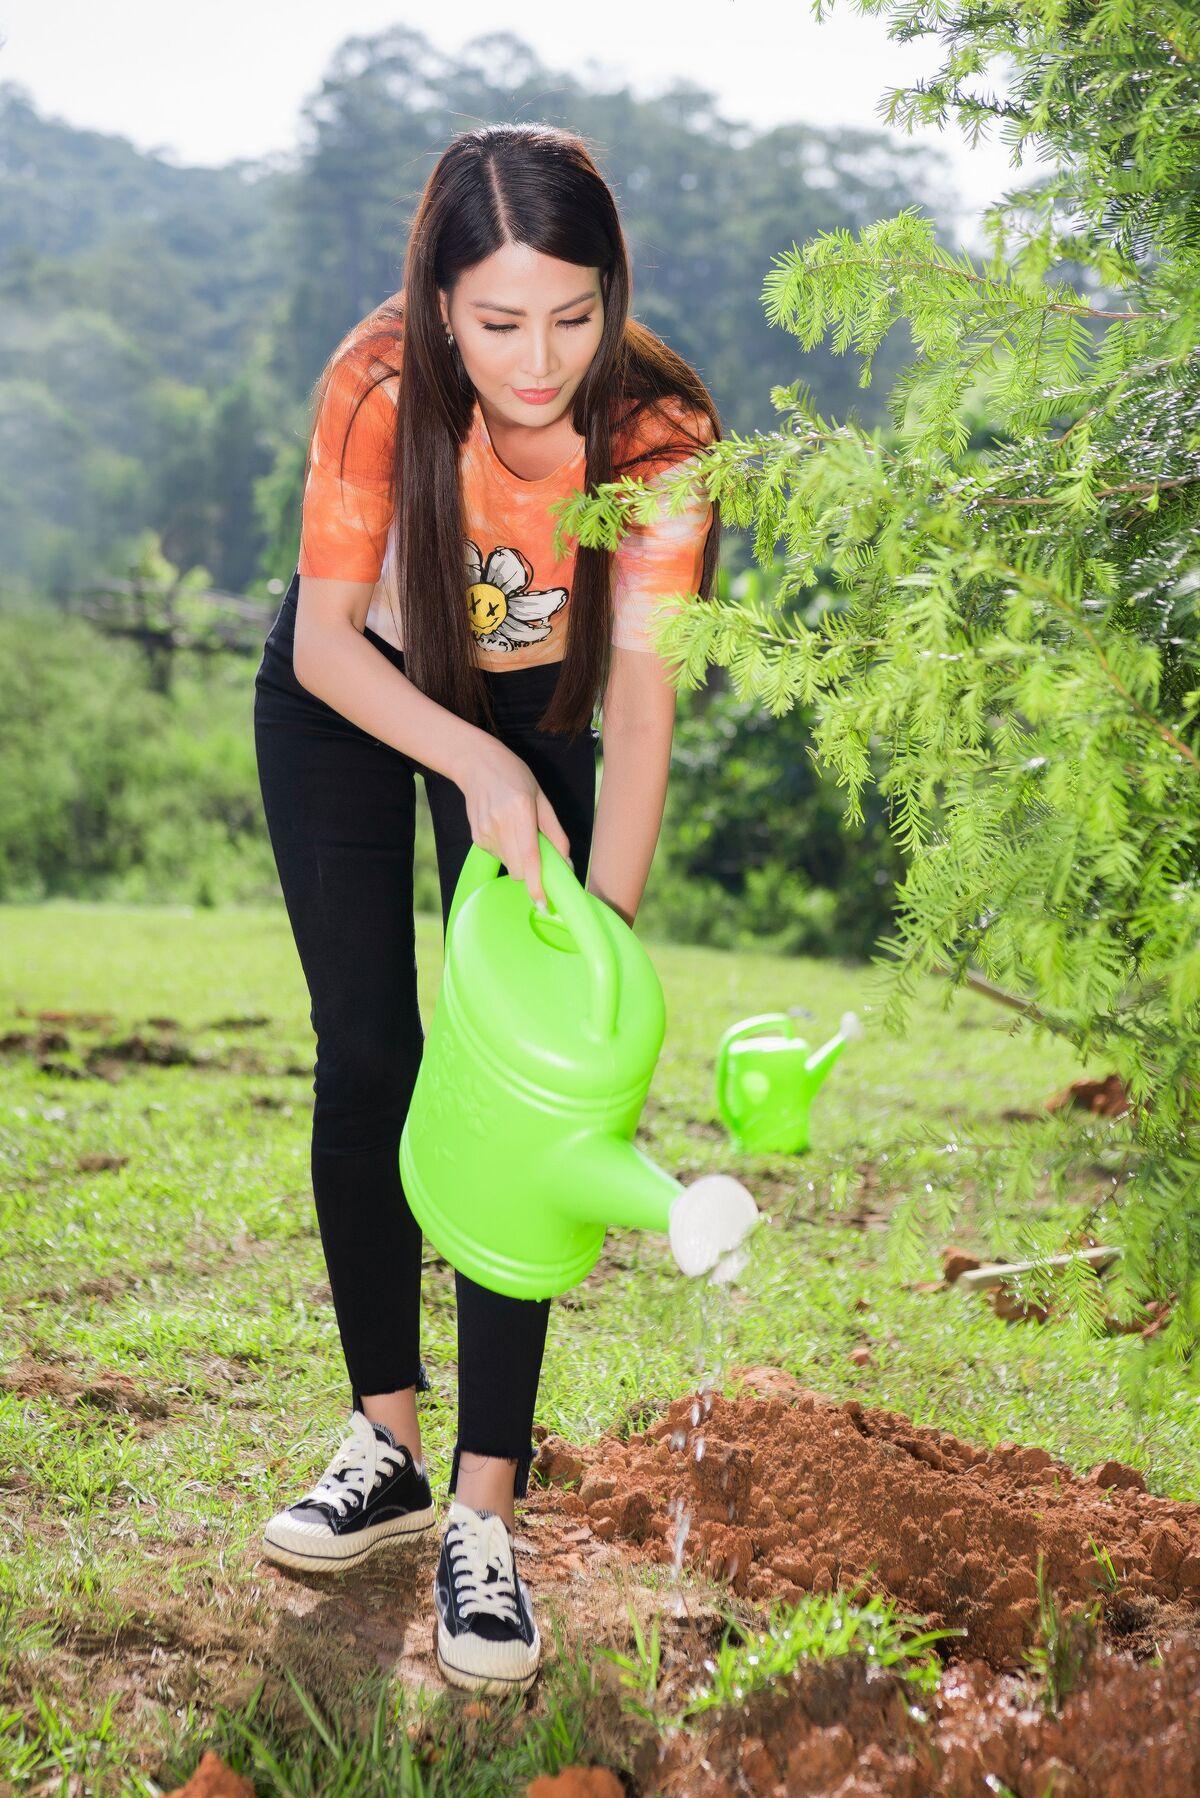 Trúc diễm diễm hương trồng cây ở lâm đồng - 6